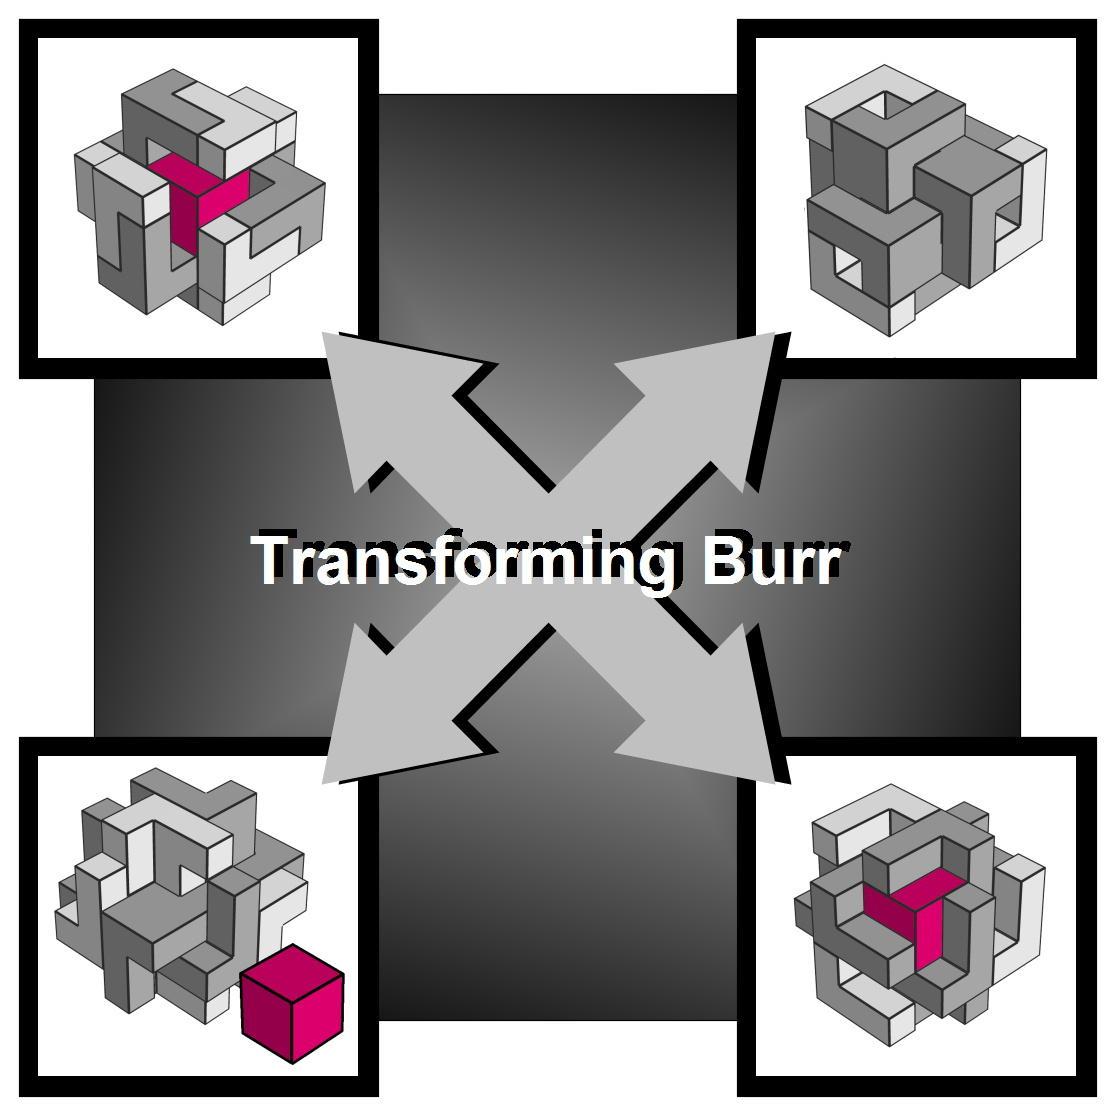 transforming-burr-4-solutions.jpg